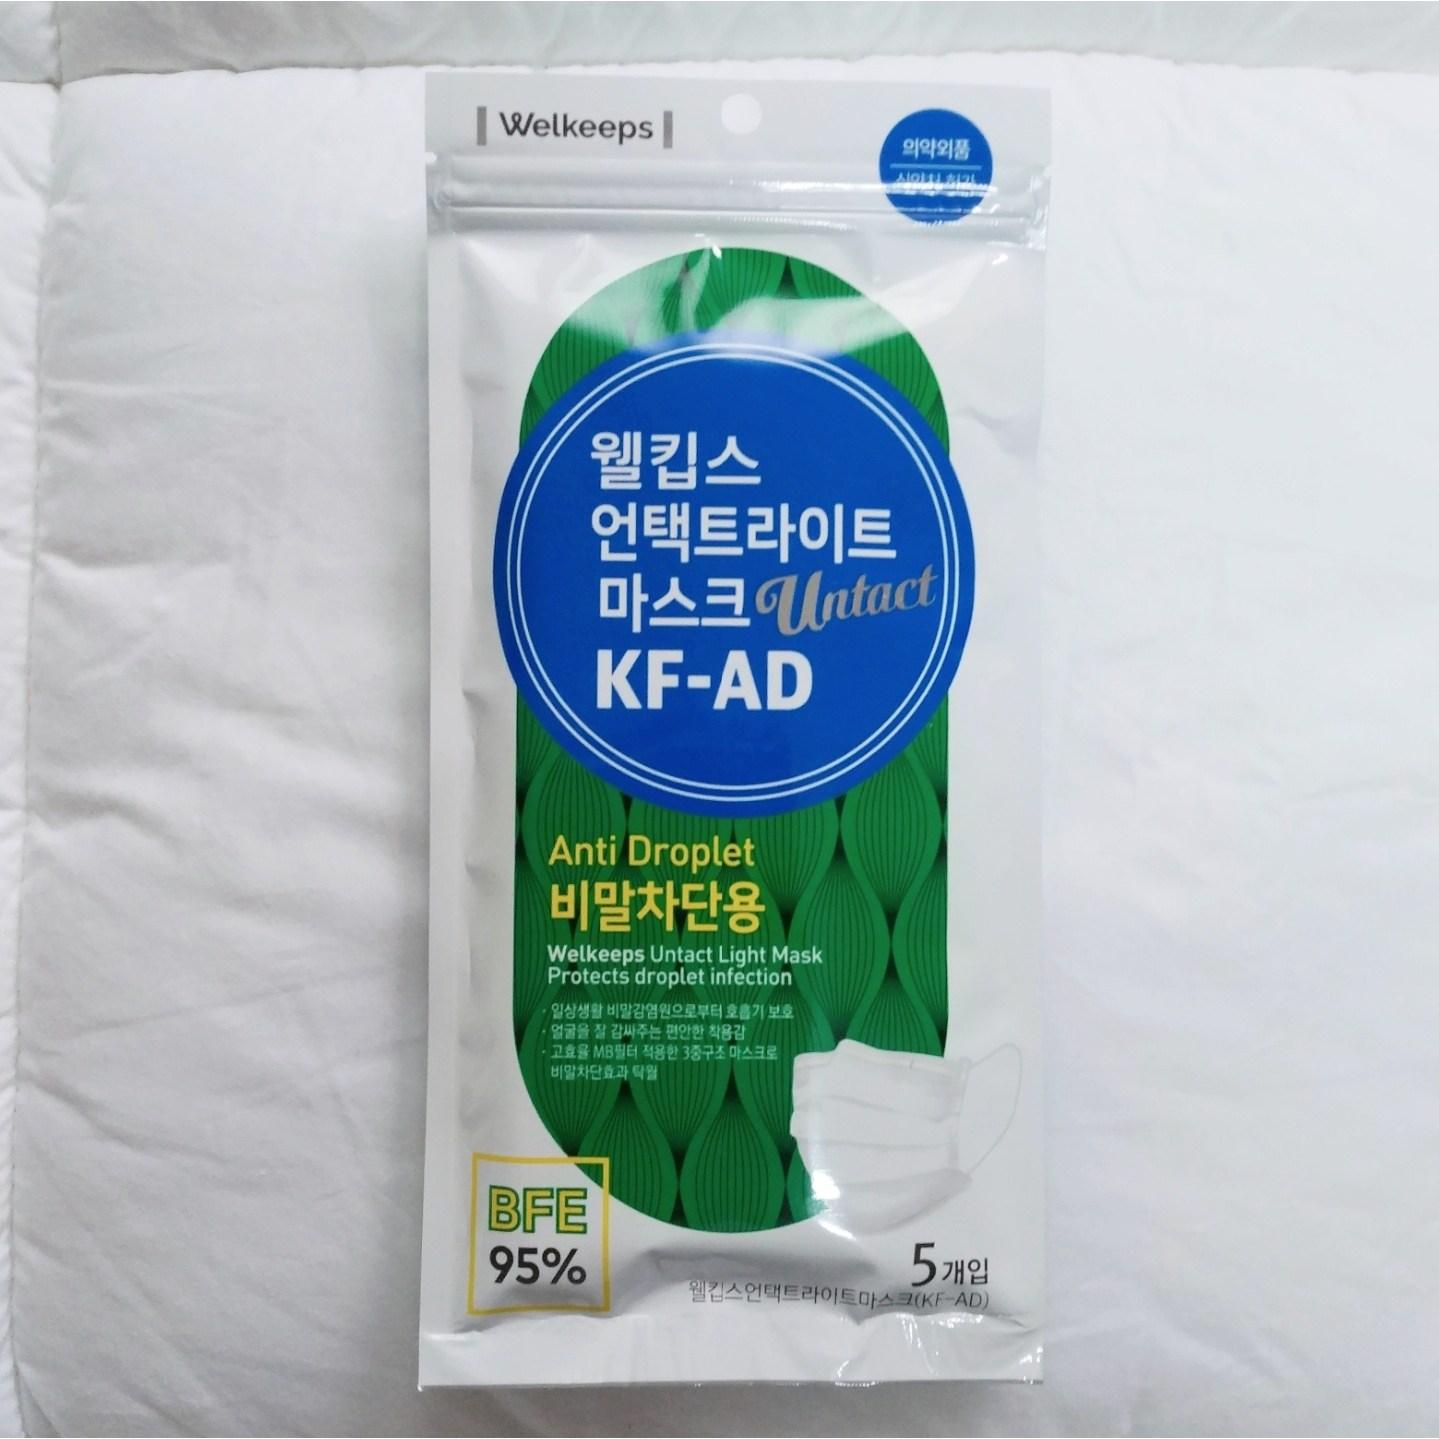 웰킵스 비말 차단 마스크 KF-AD 일회용 덴탈 15매 (3팩)